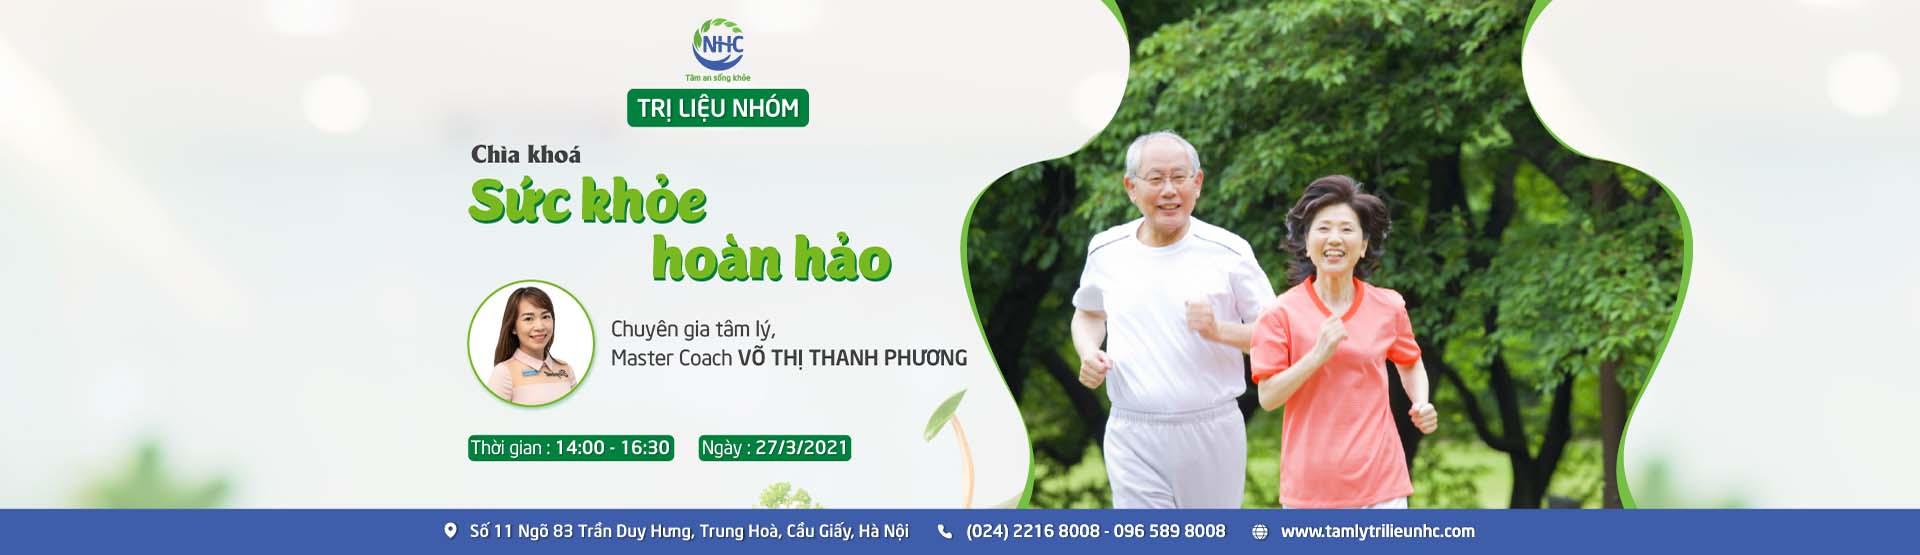 [Người Đưa Tin] – Những lưu ý bạn cần biết trước khi trị liệu tại Trung tâm NHC Việt Nam